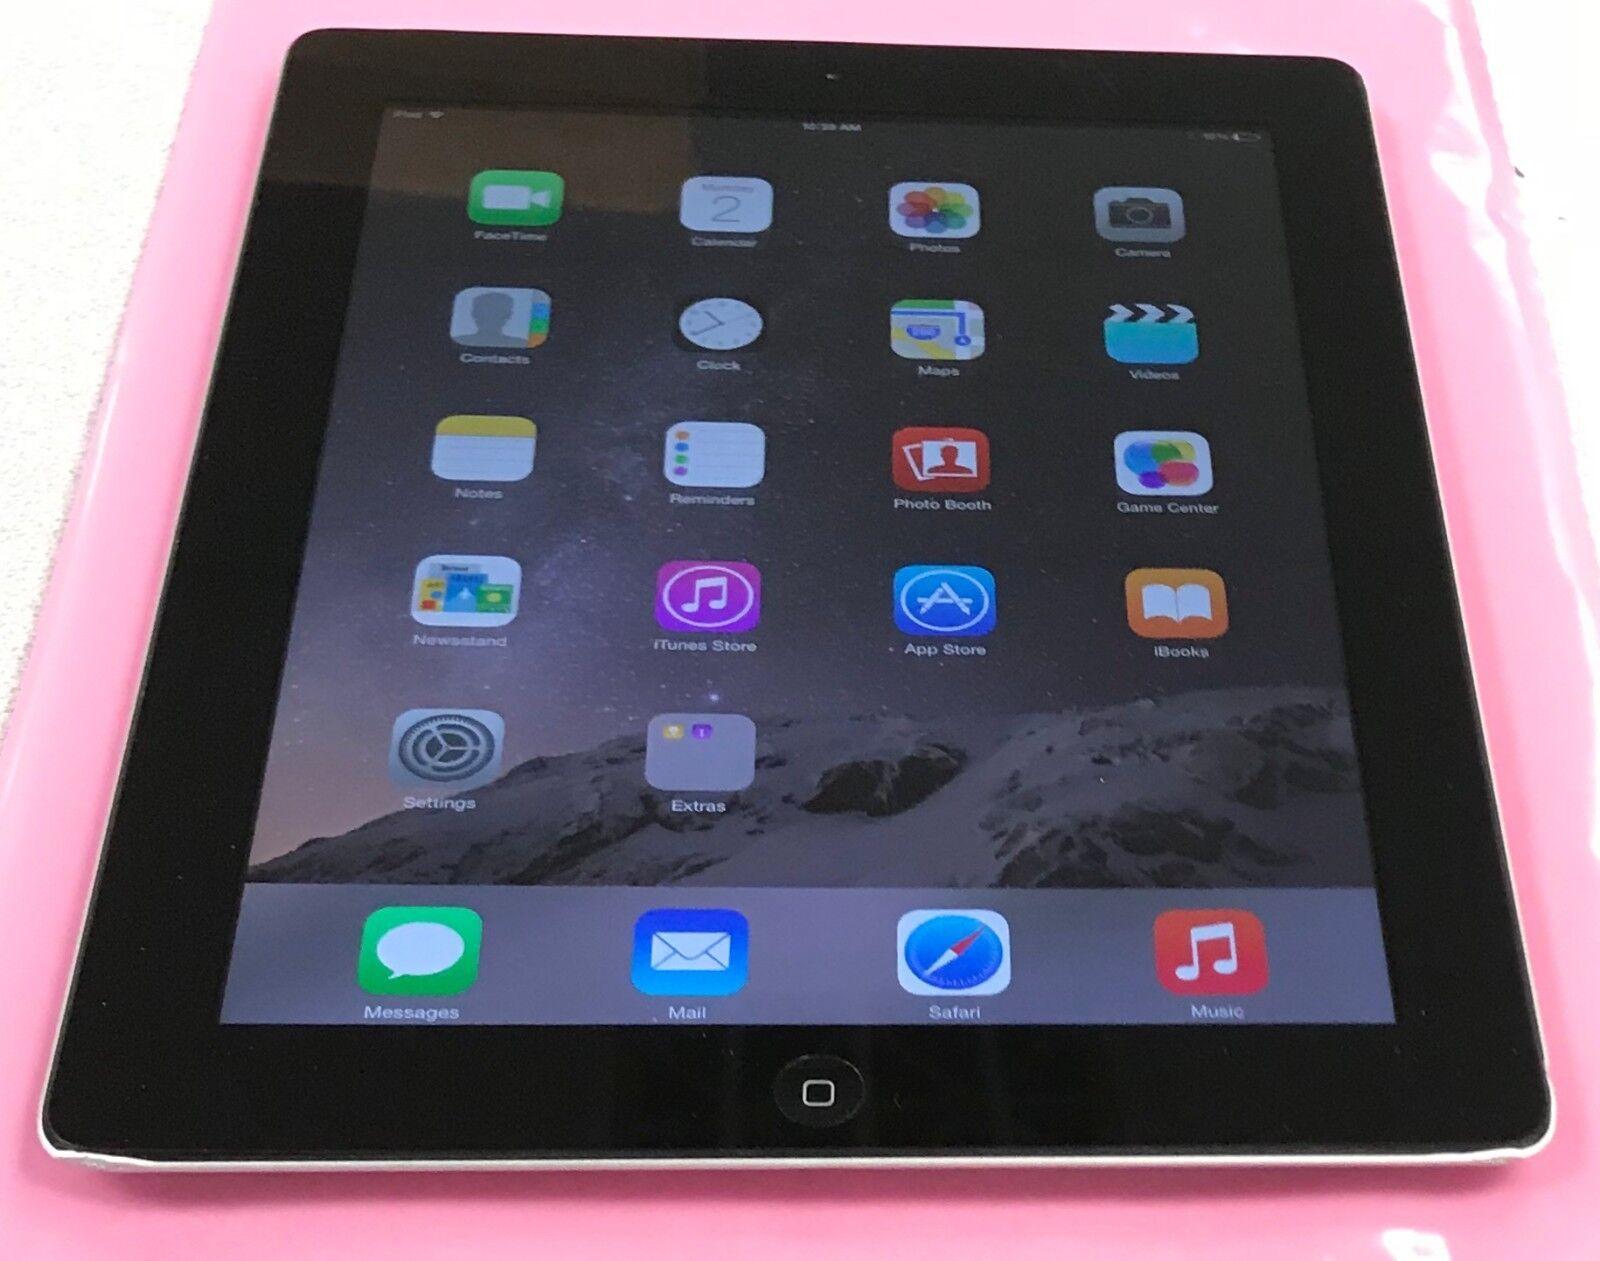 """Apple iPad 4th Gen. A1458 - 9.7"""" Retina Display 32GB - Black Wi-Fi Grade A, B, C"""